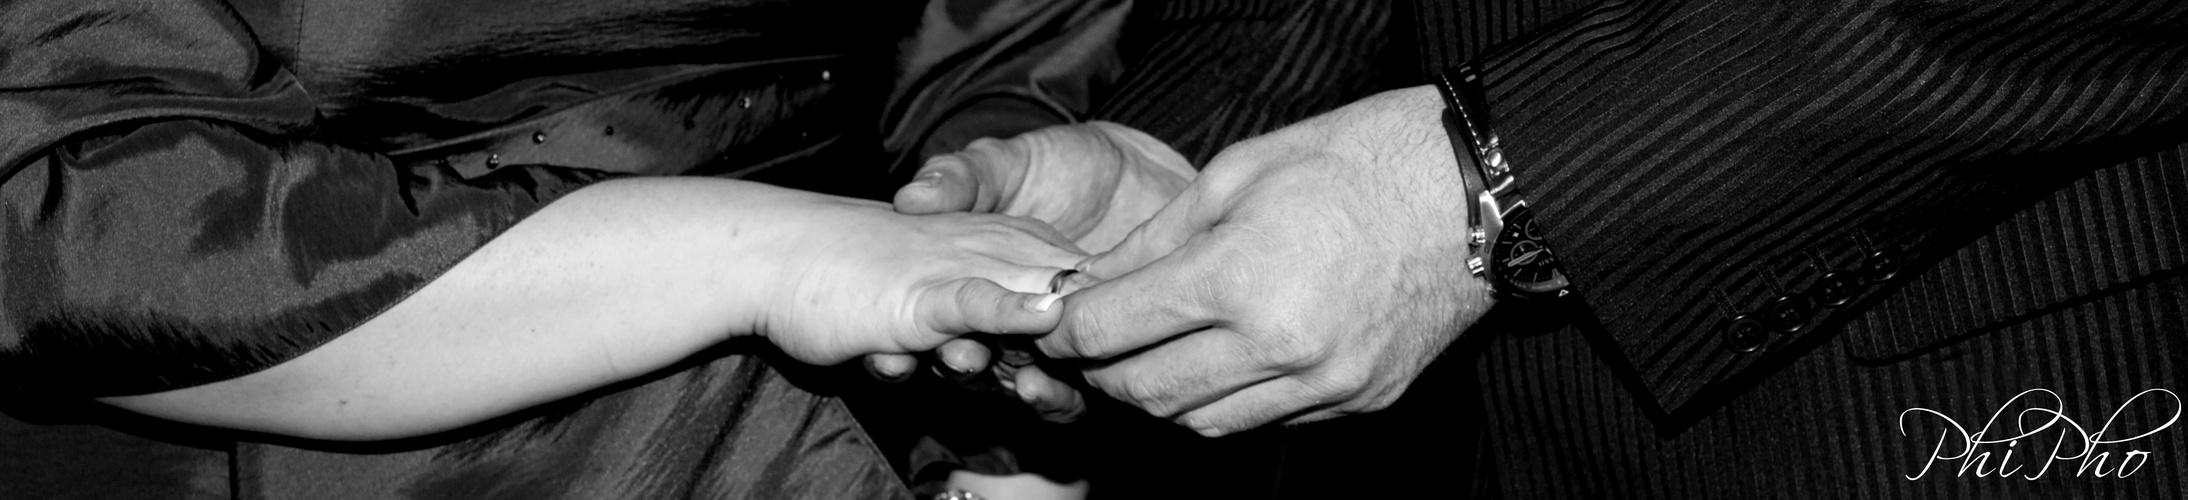 Hochzeit - 20.12.2012 - Katja und Michael 2